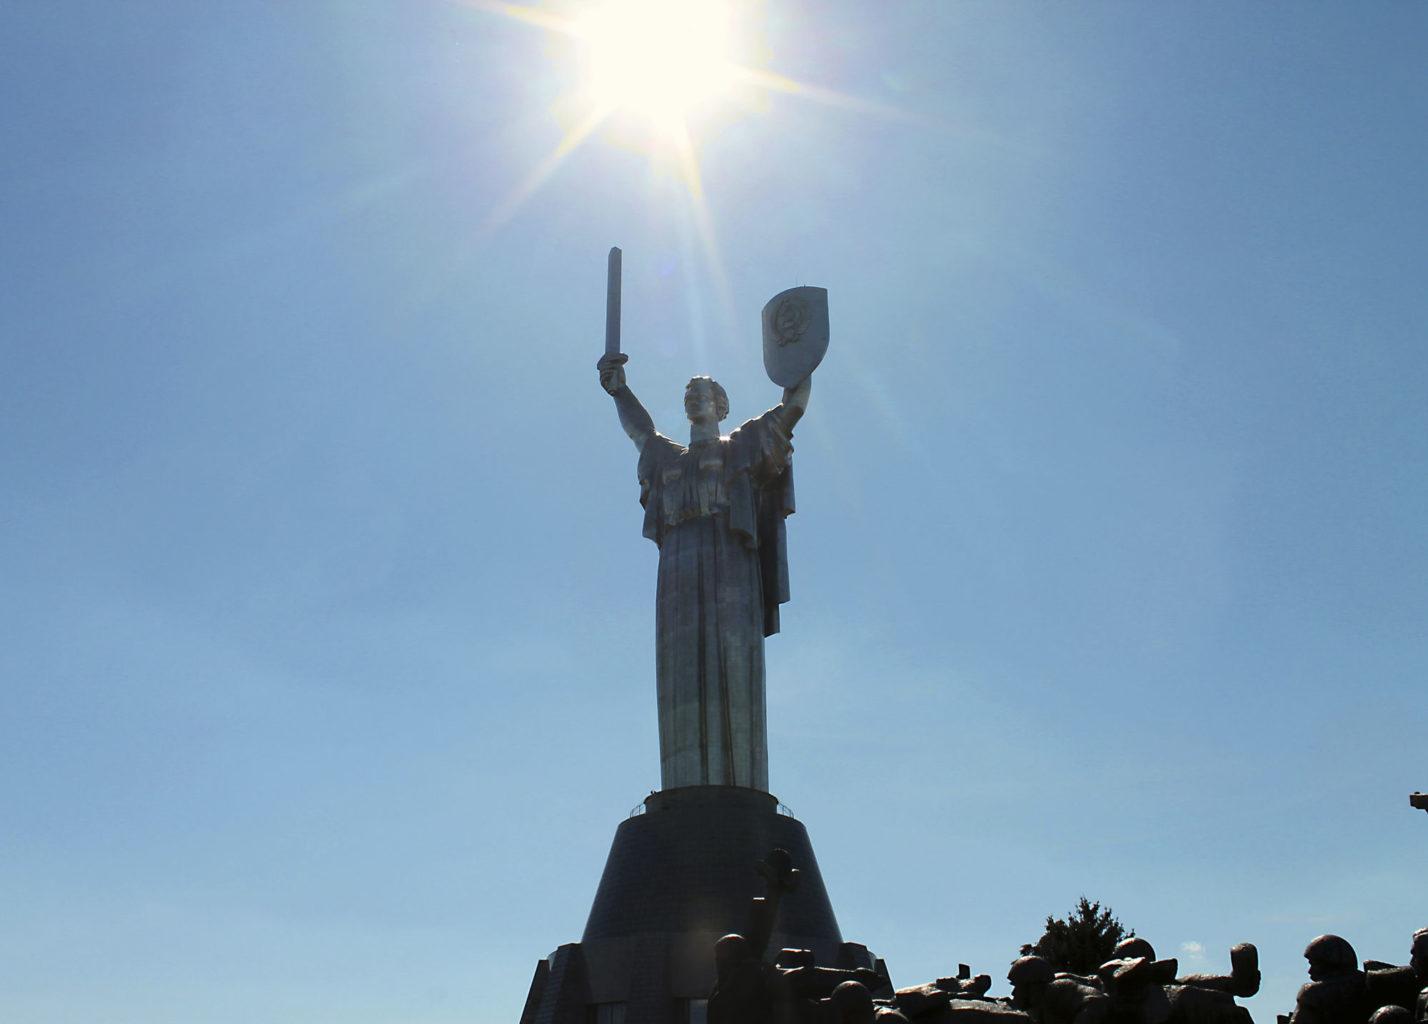 вид снизу на монумент Родина-мать в Киеве фотография